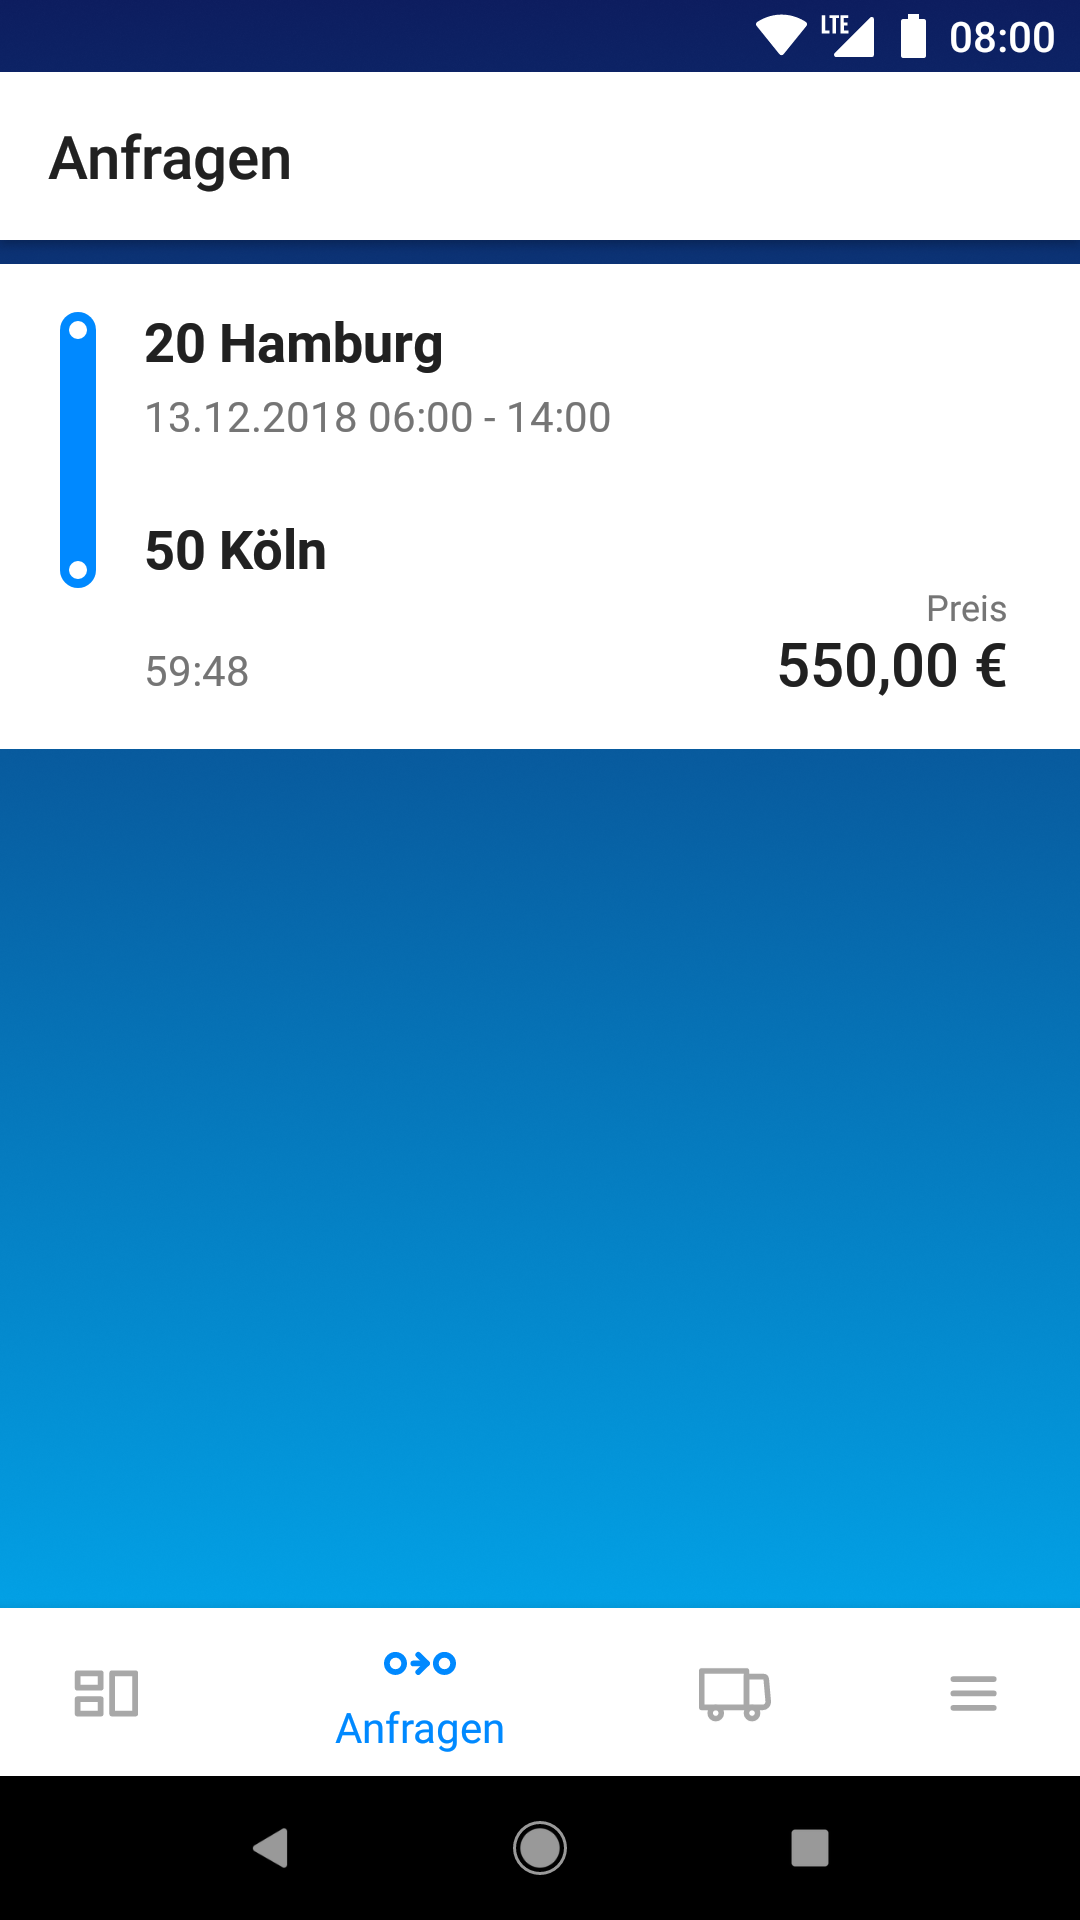 colleta_app_alle_touranfragen.png